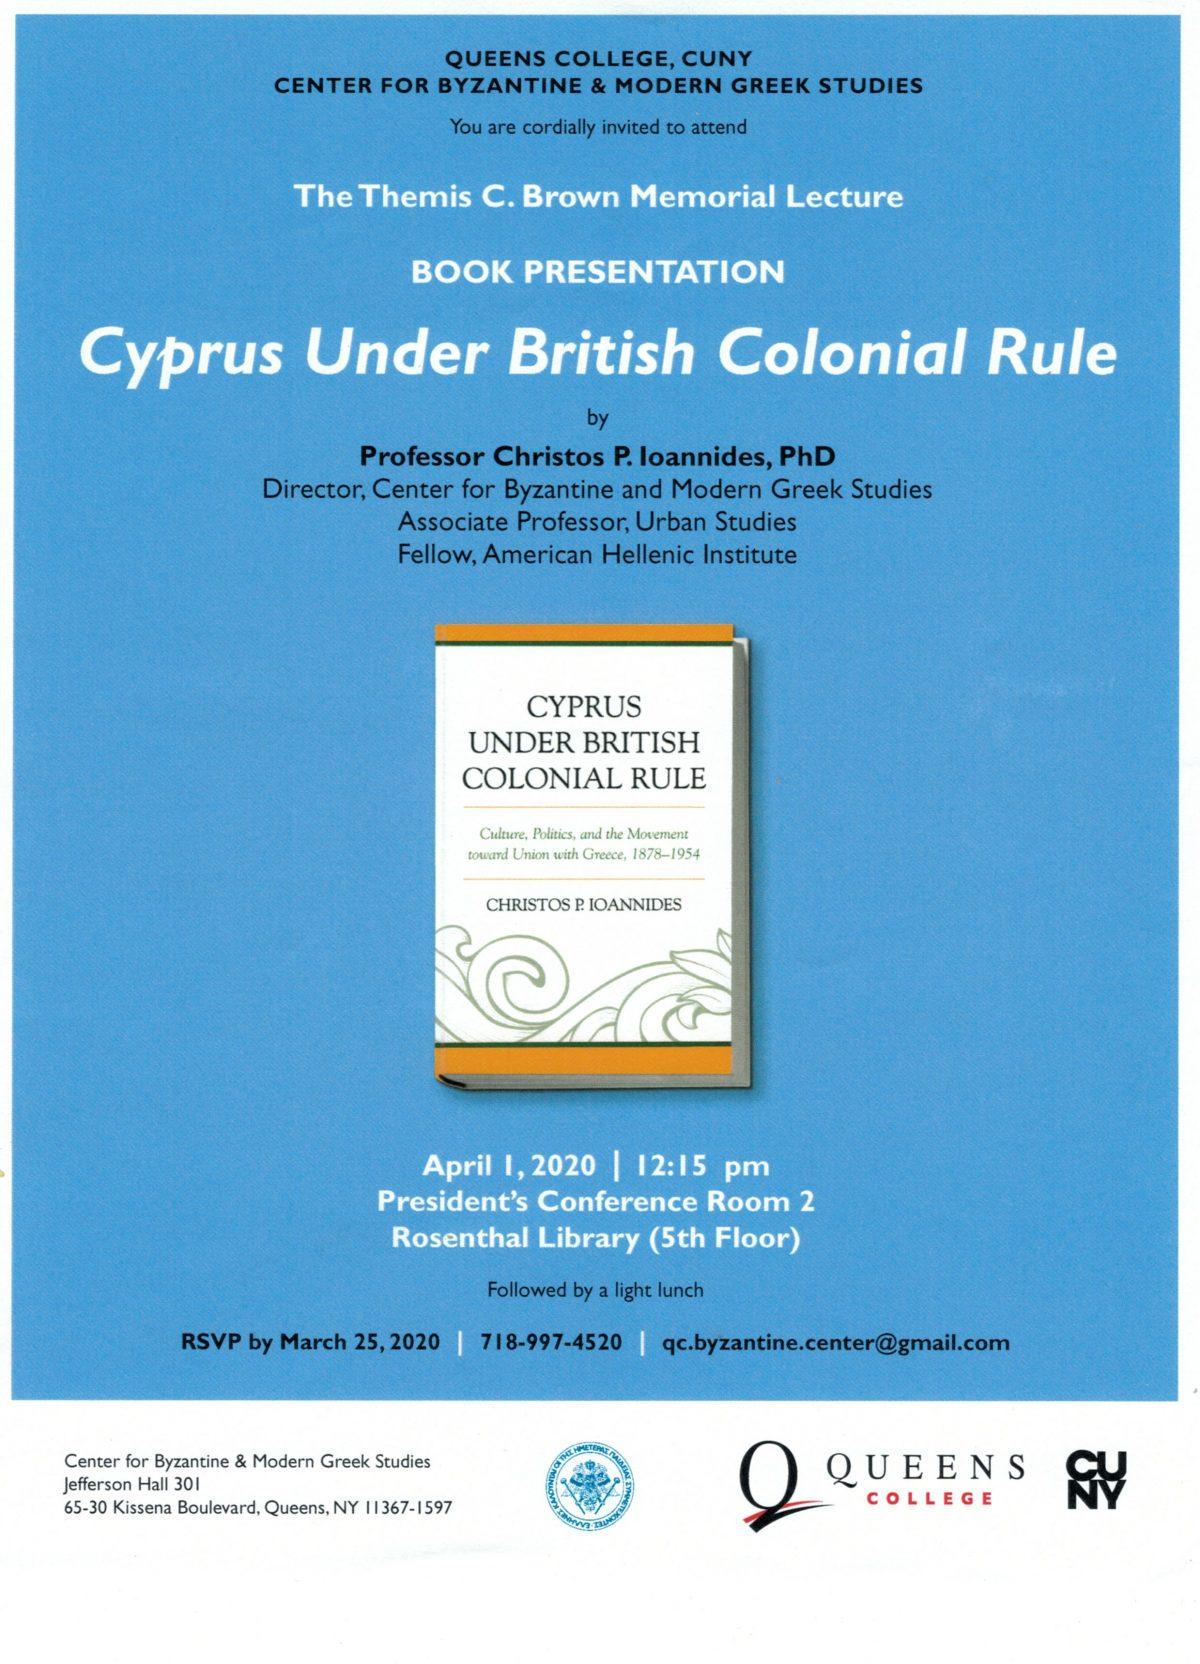 April 1: Themis C. Brown Memorial lecture